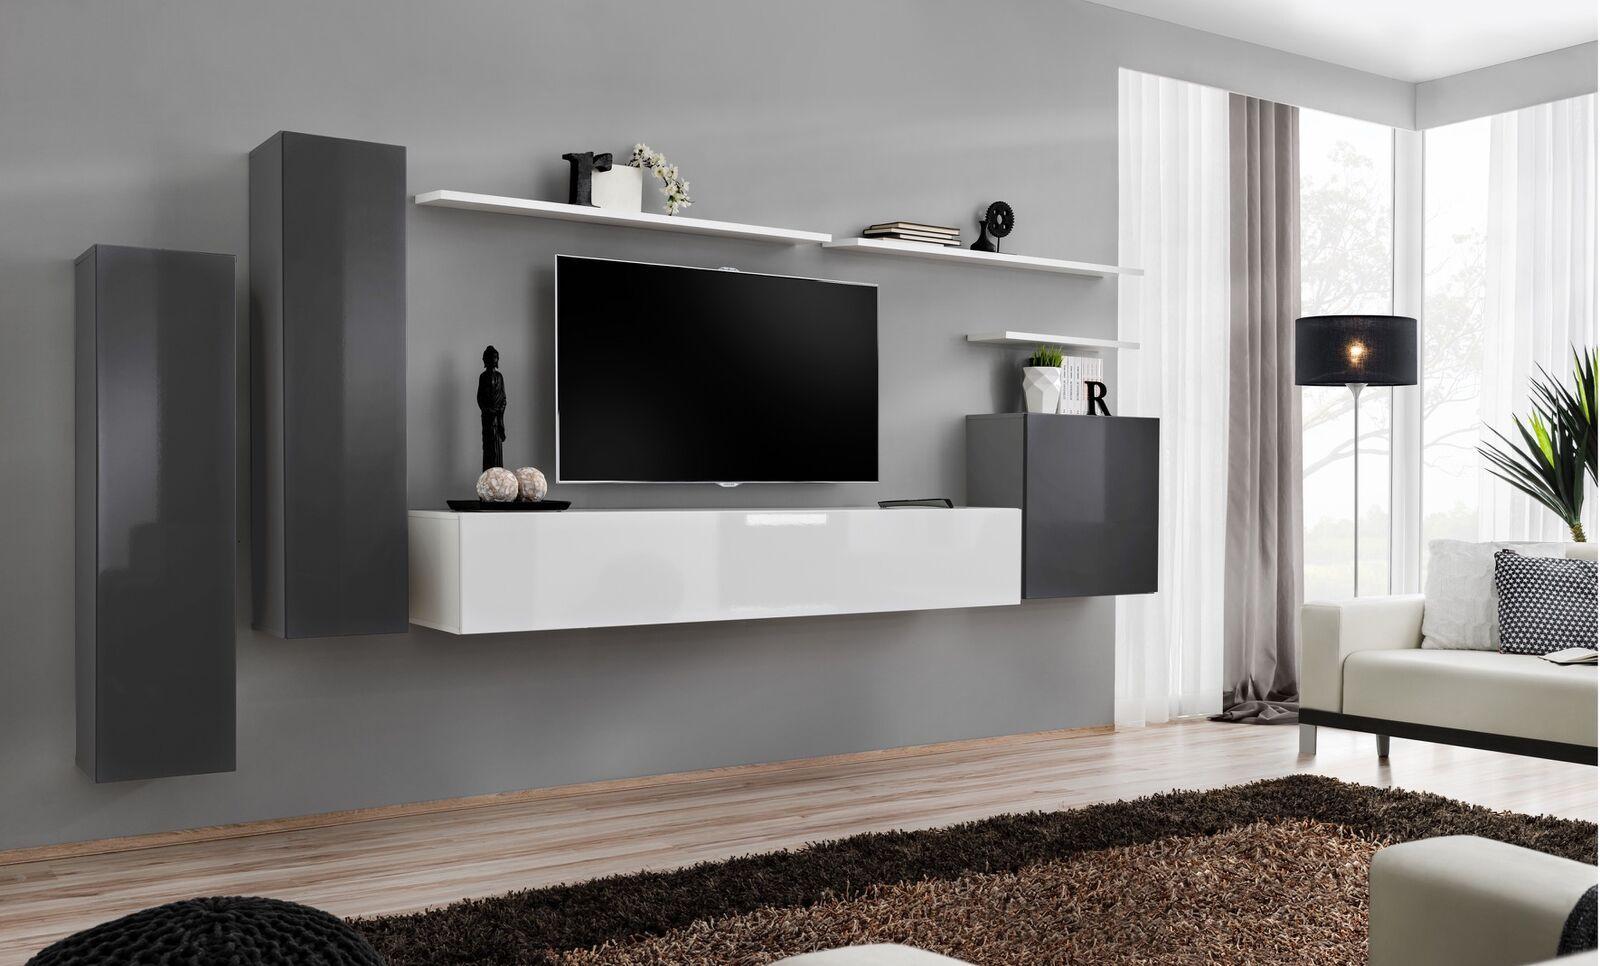 Meuble Tele Meuble Tv Hifi Meuble Tv Moderne Meubles Tv Design Meuble Tv Meuble Living Room Wall Units Living Room Corner Shelving Units Living Room